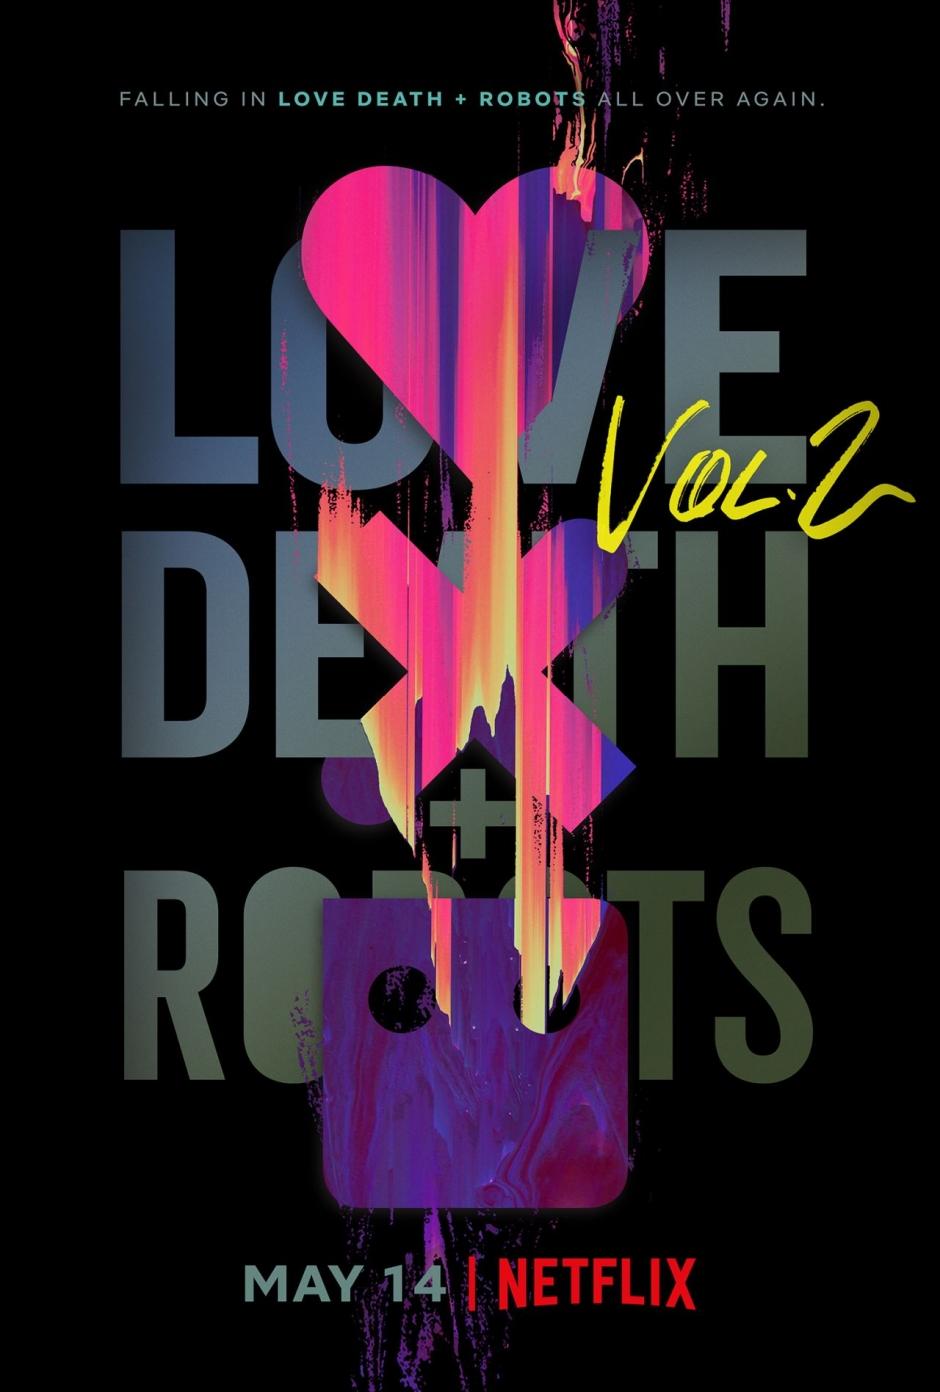 love death + robots: sezonul 2 #netflix Love Death + Robots: Sezonul 2 #Netflix lovedeathrobots2 poster